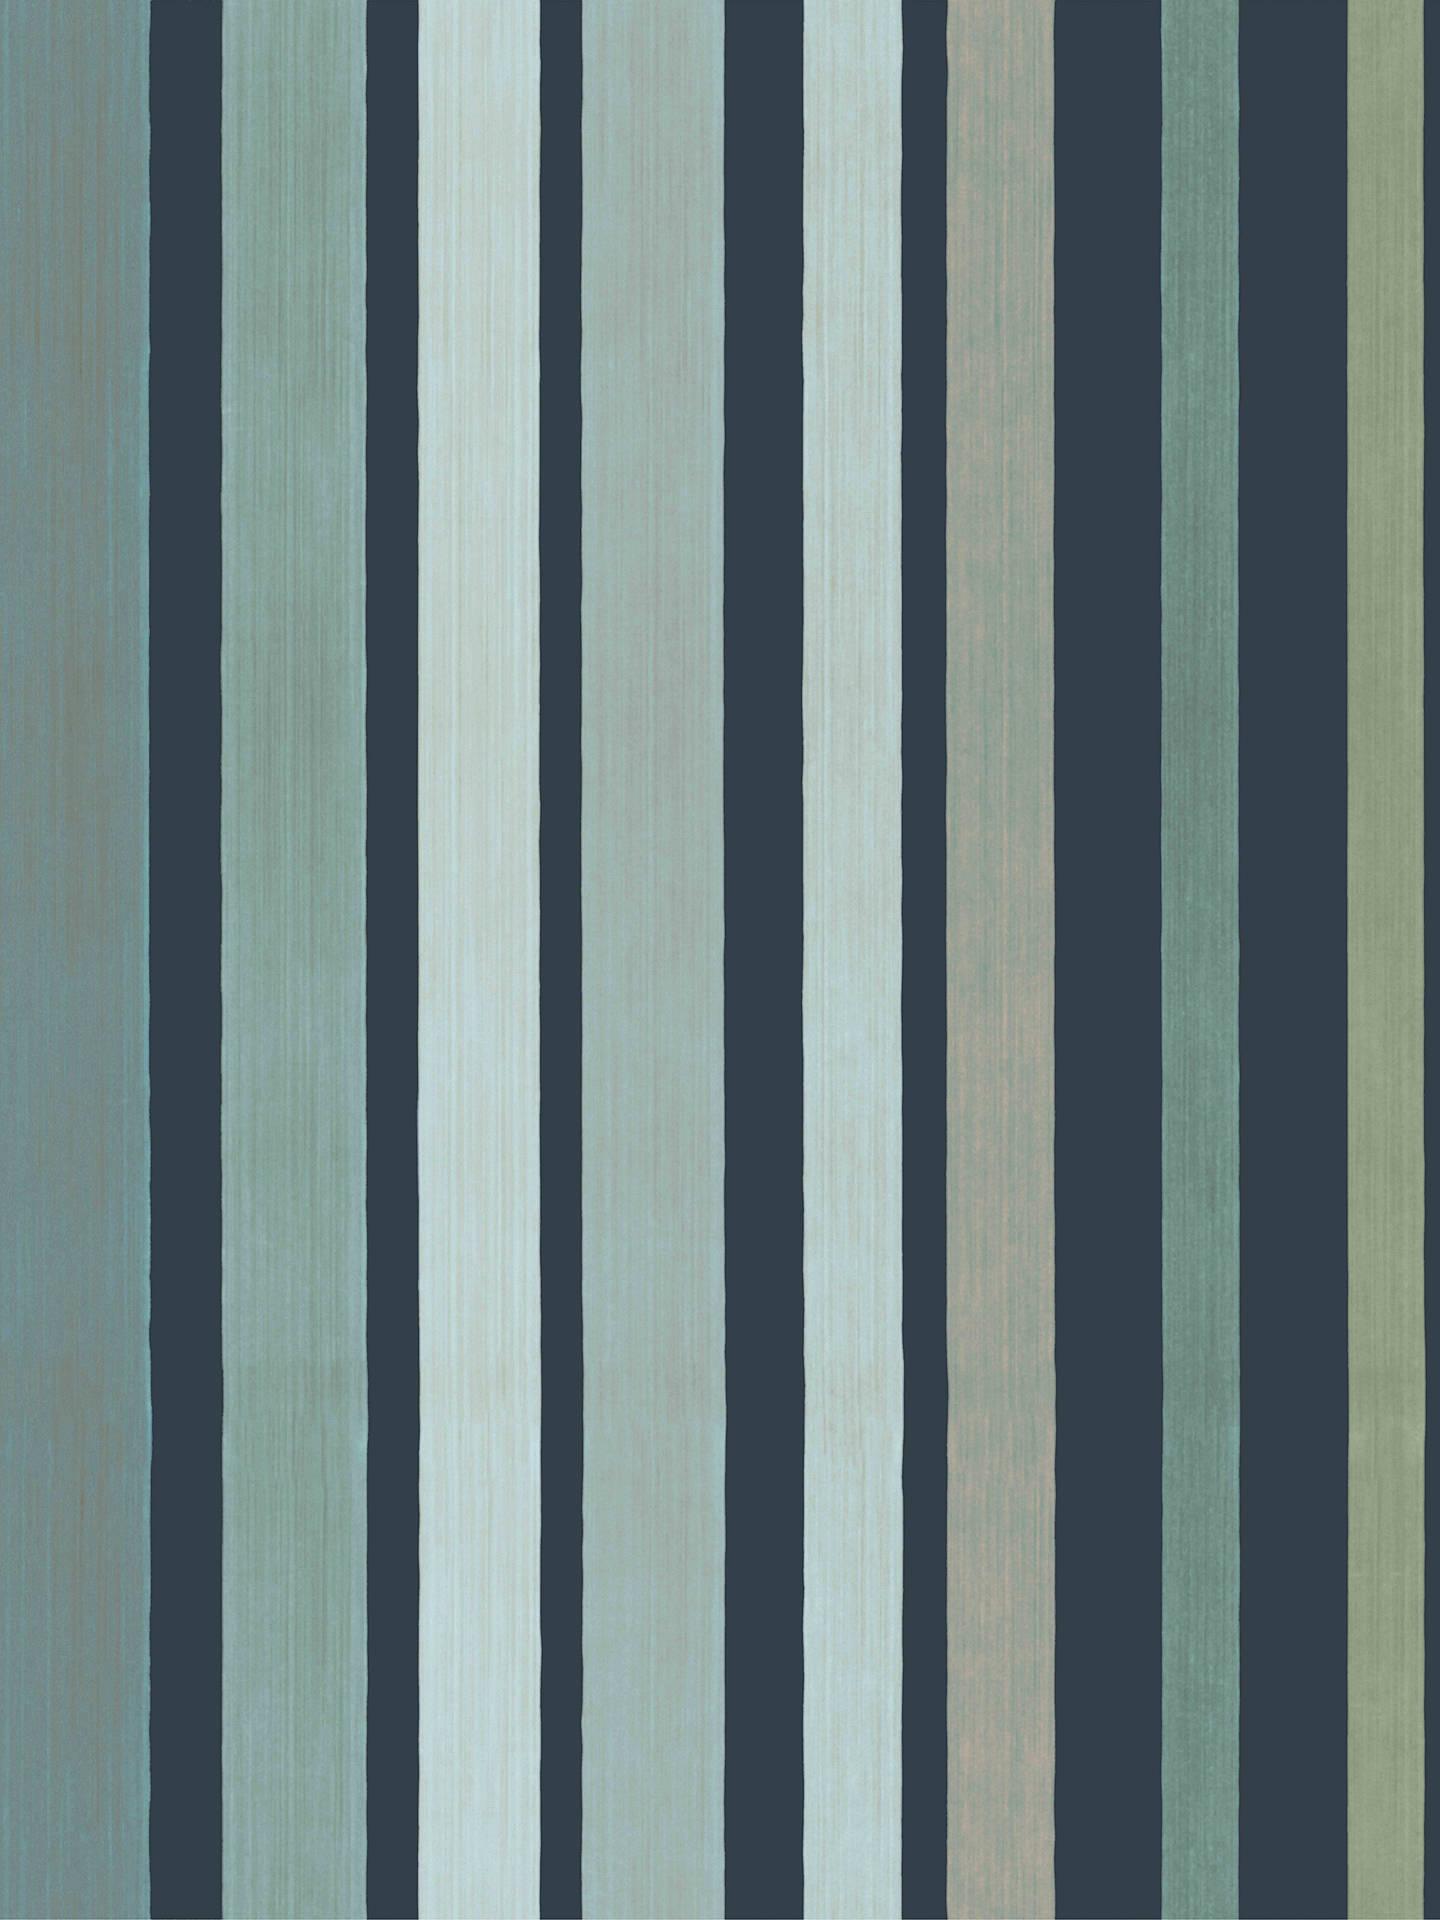 Cole Son Carousel Stripe Wallpaper 110 9041 Frosty Green